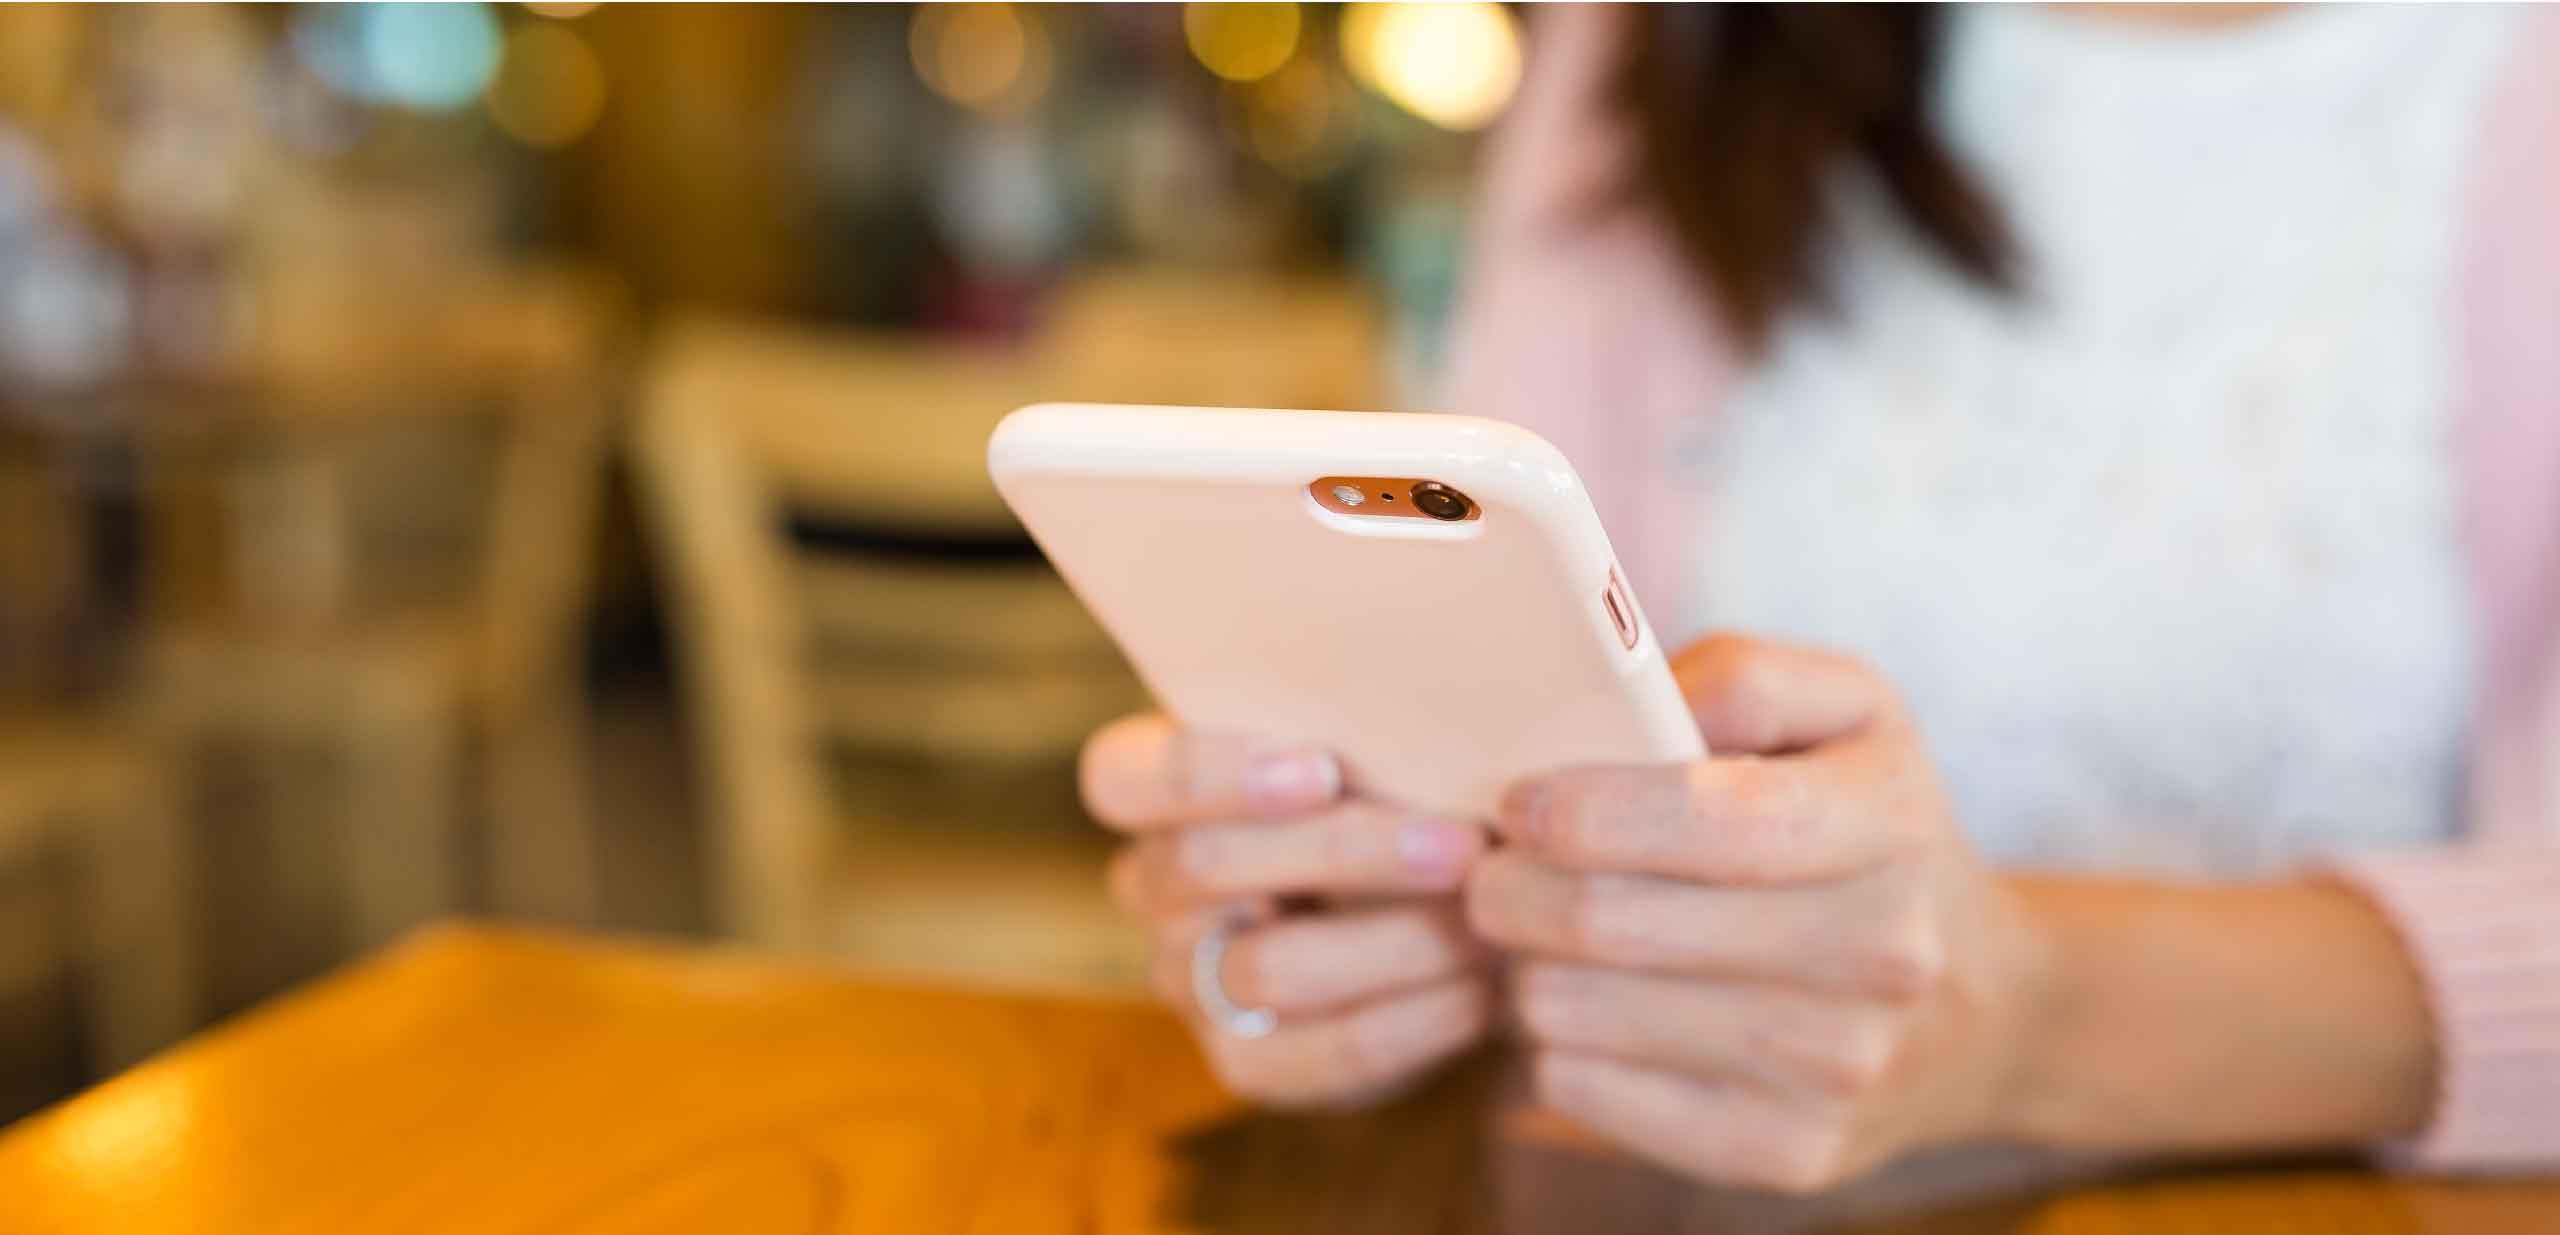 SMS & Canada's Anti-Spam Legislation (CASL)